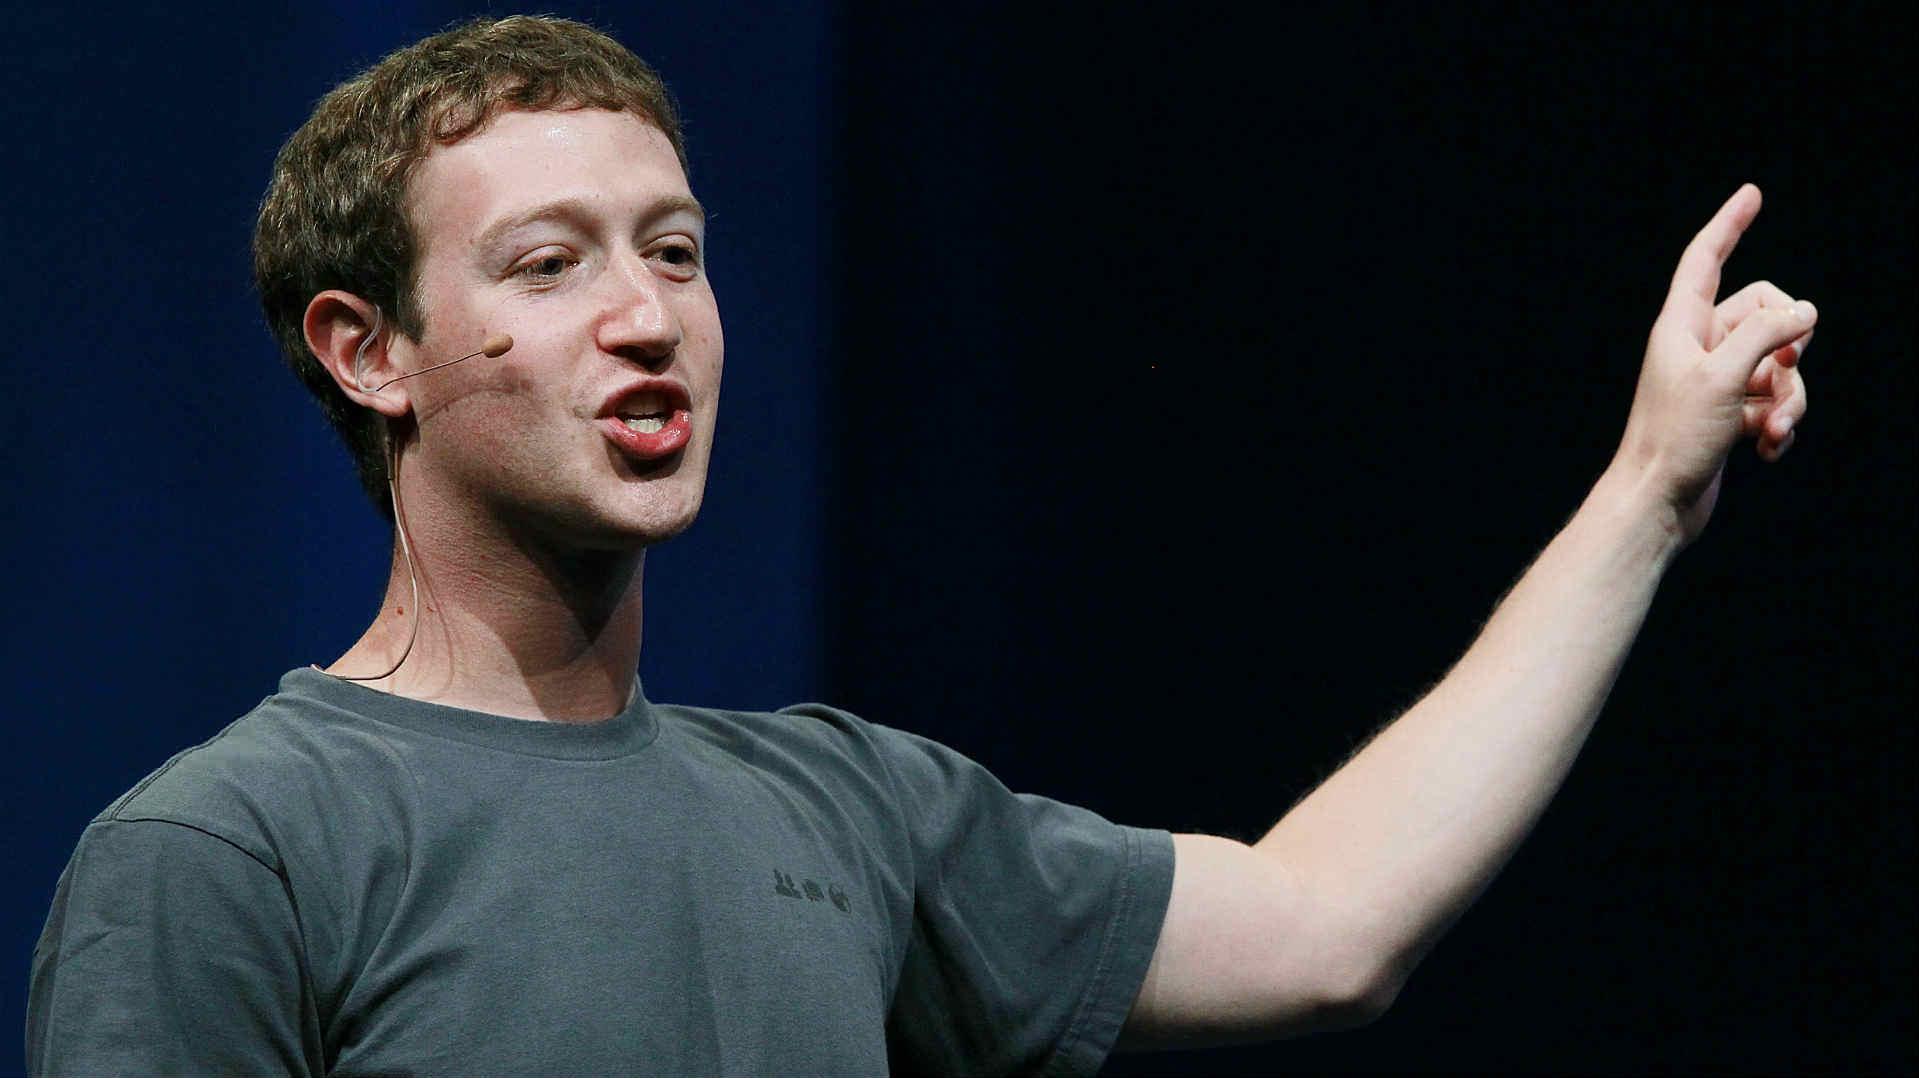 إنذار للشركات بعد فضيحة «فيسبوك» ومارك يعتذر